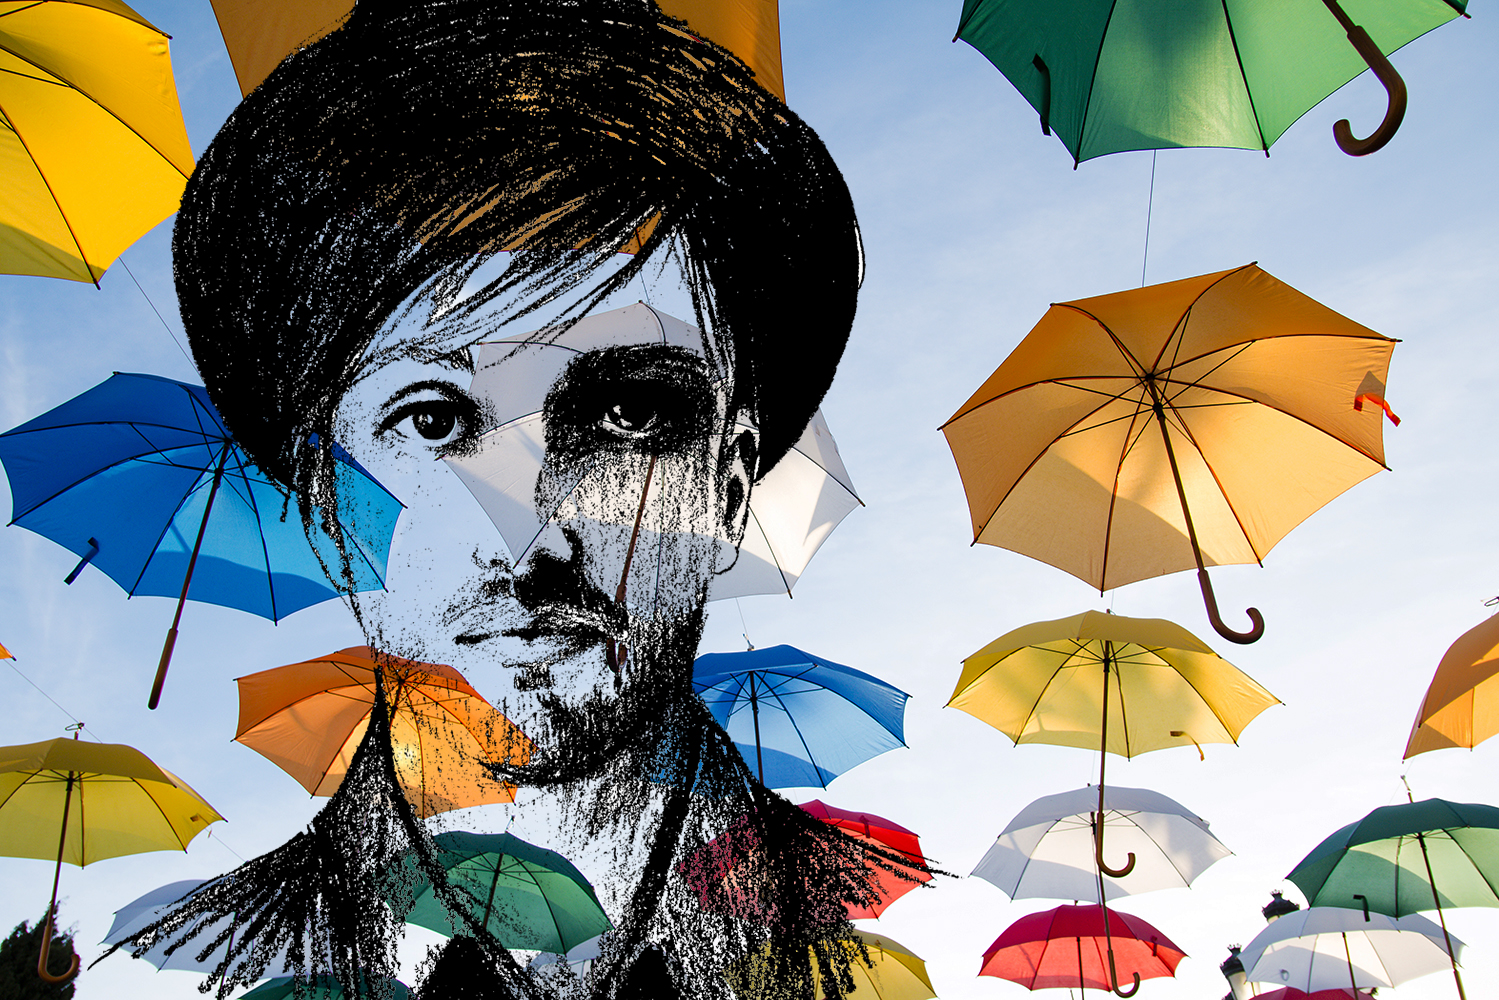 Der mit den Regenschirmen tanzt | Companisto Blog